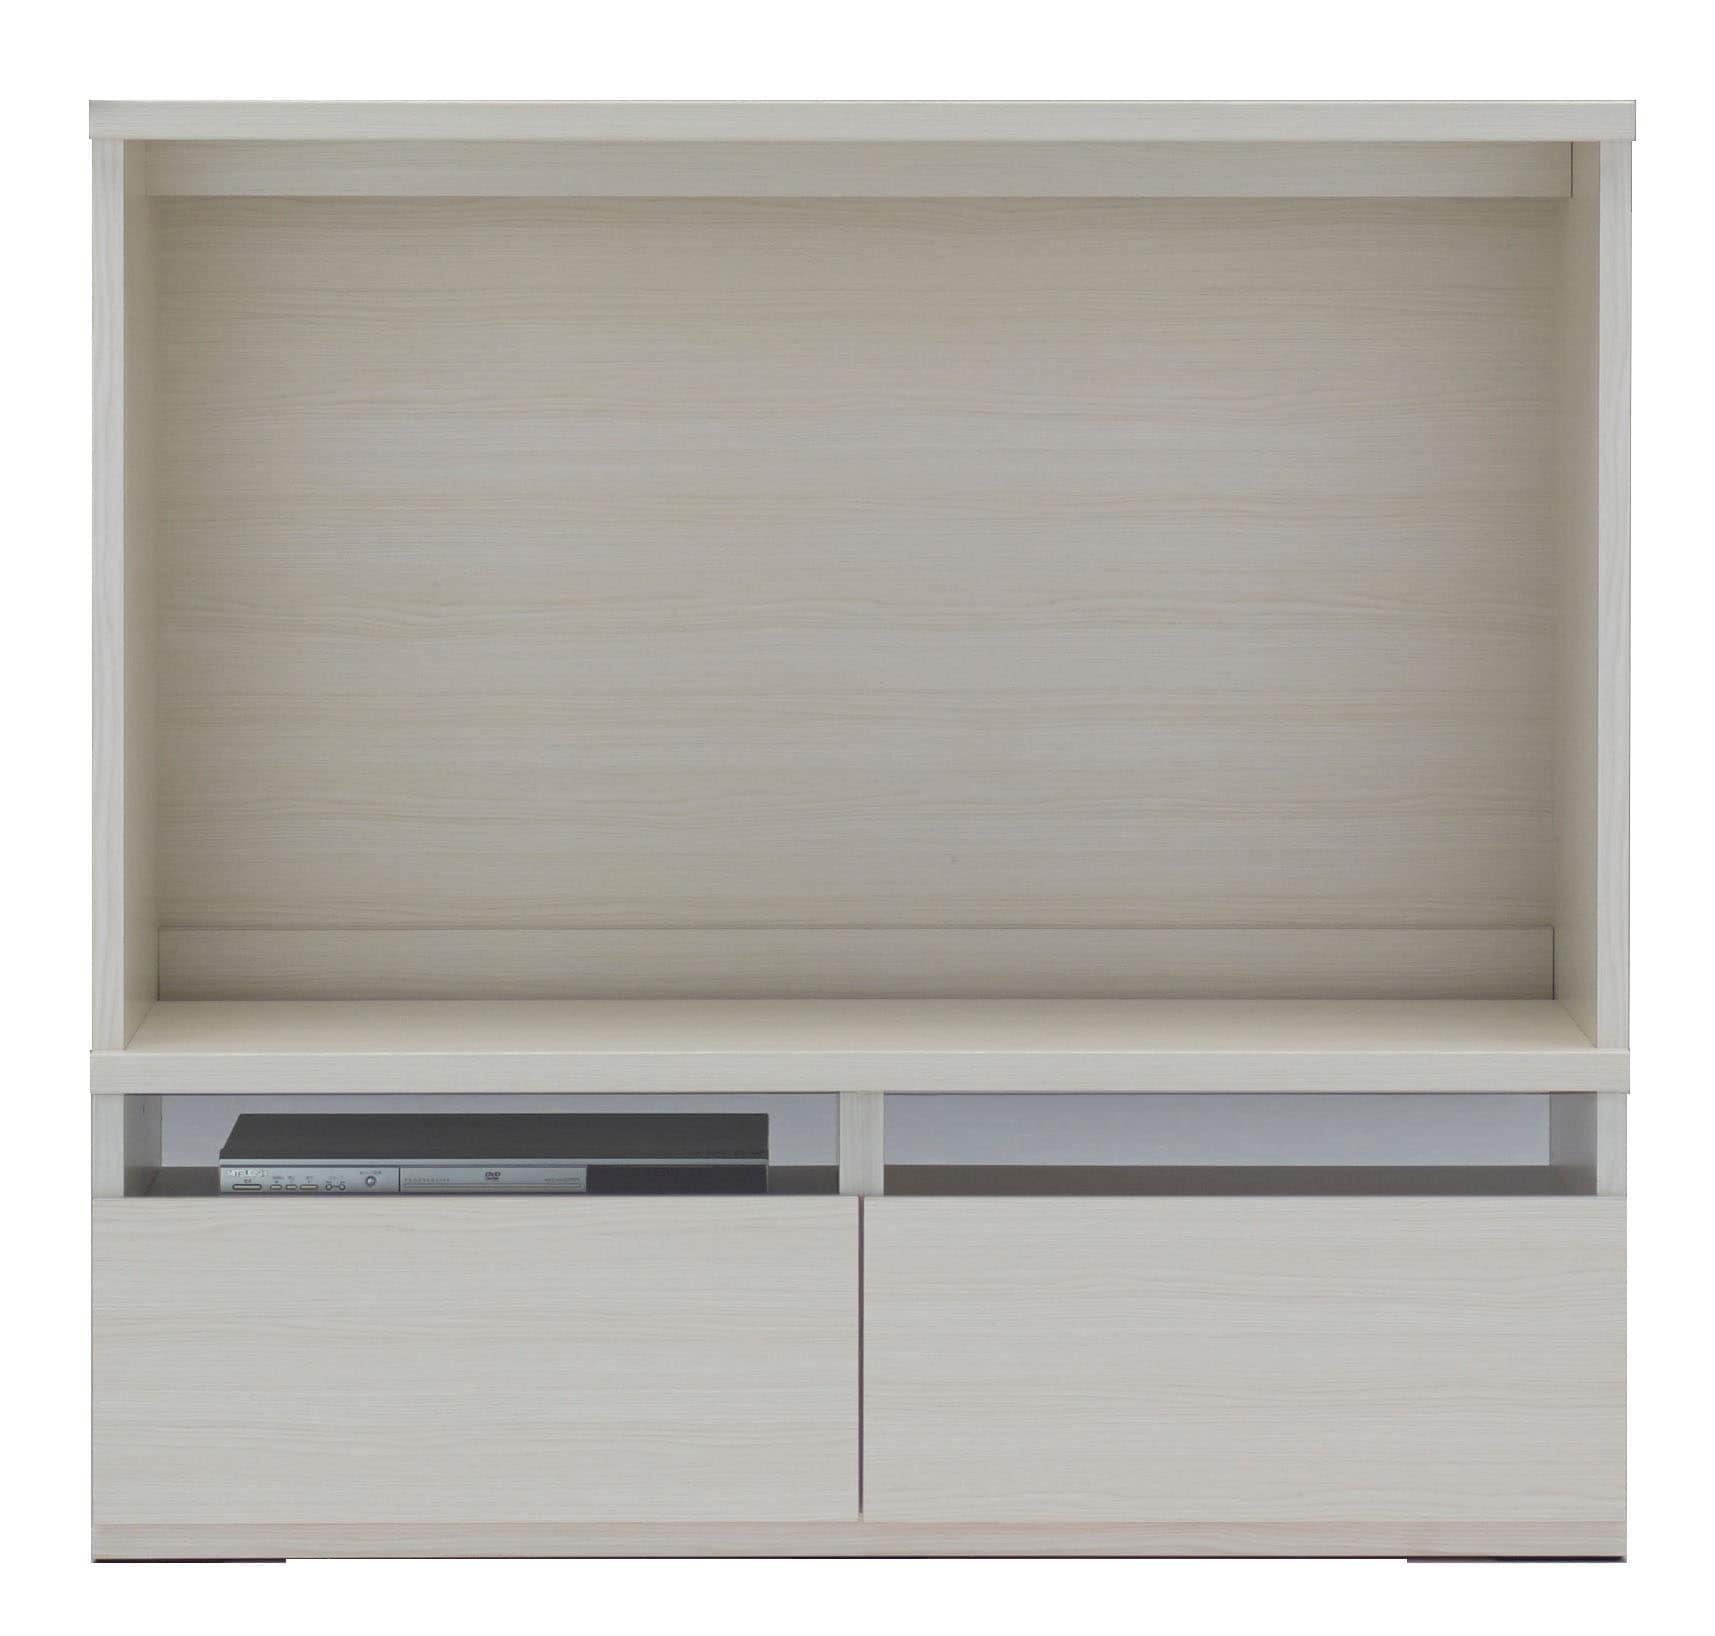 壁面収納 LTS−120テレビボード(WH)ホワイト:壁面収納 LTS−120テレビボード(WH)ホワイト